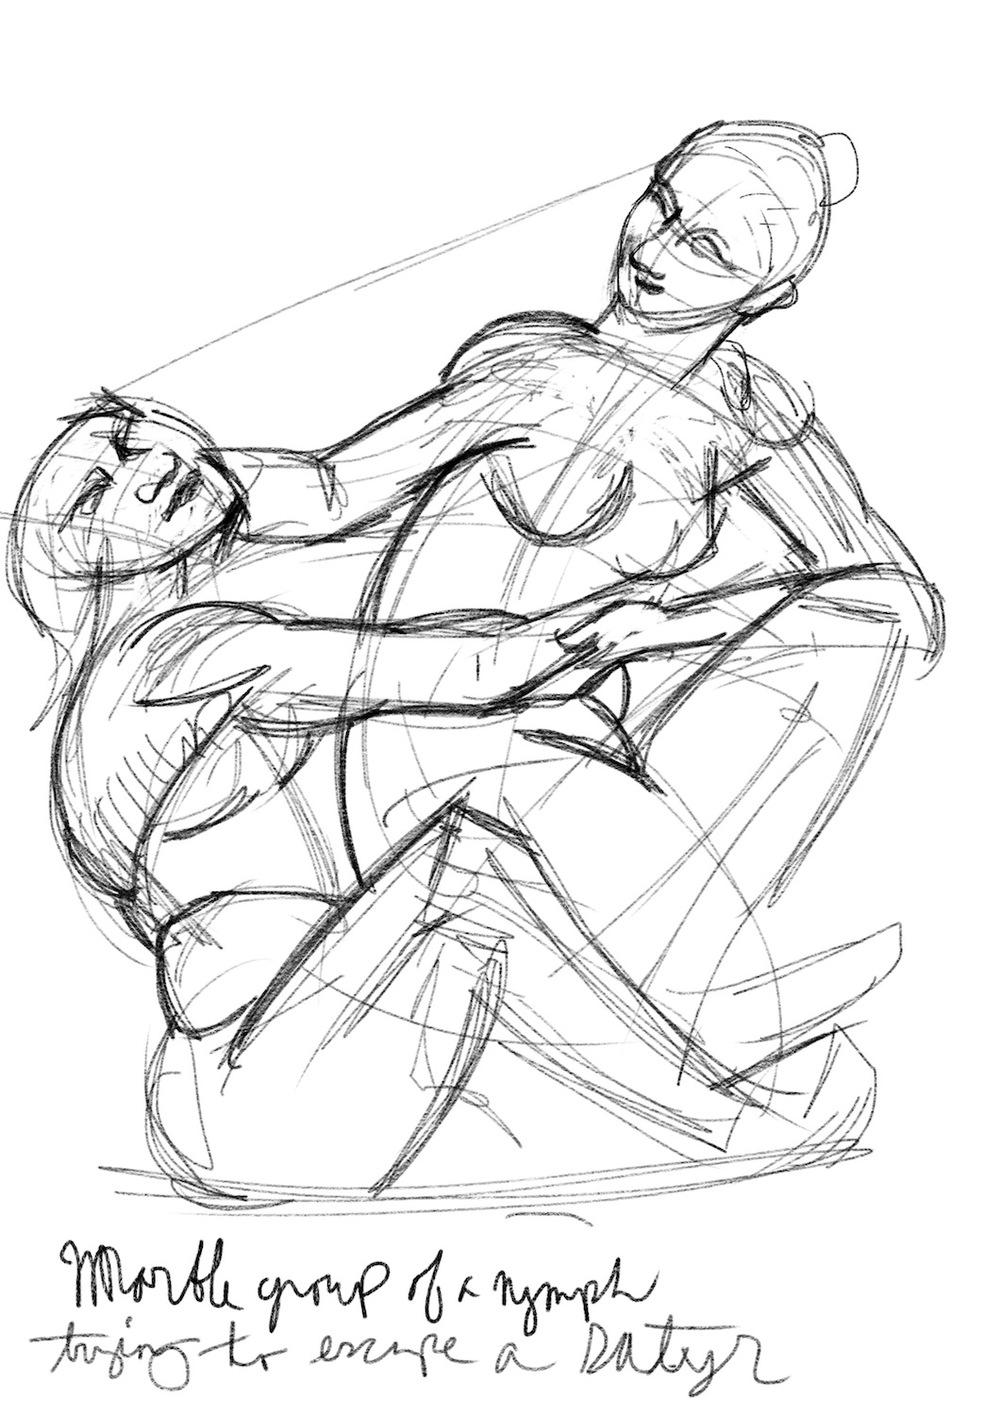 13-08-15 - digital drawing - greek sculpture - 09.jpg